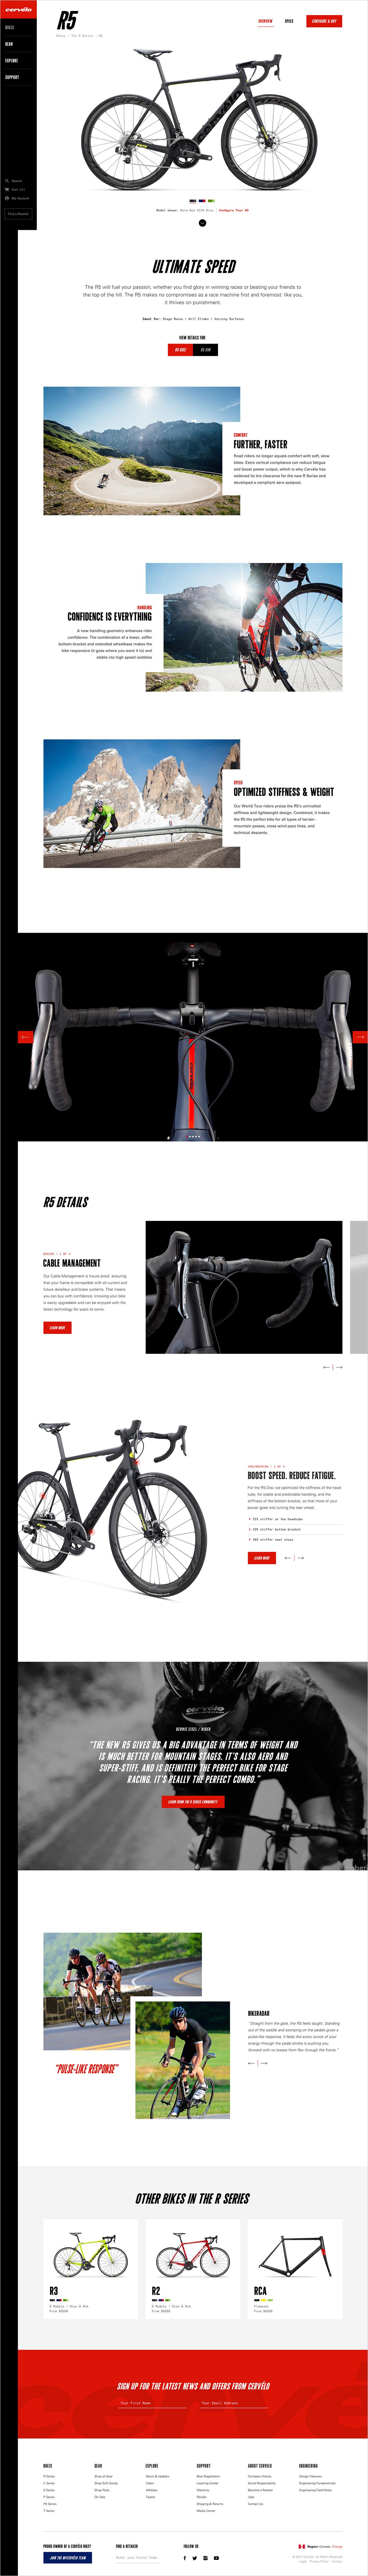 Bike_detailPage